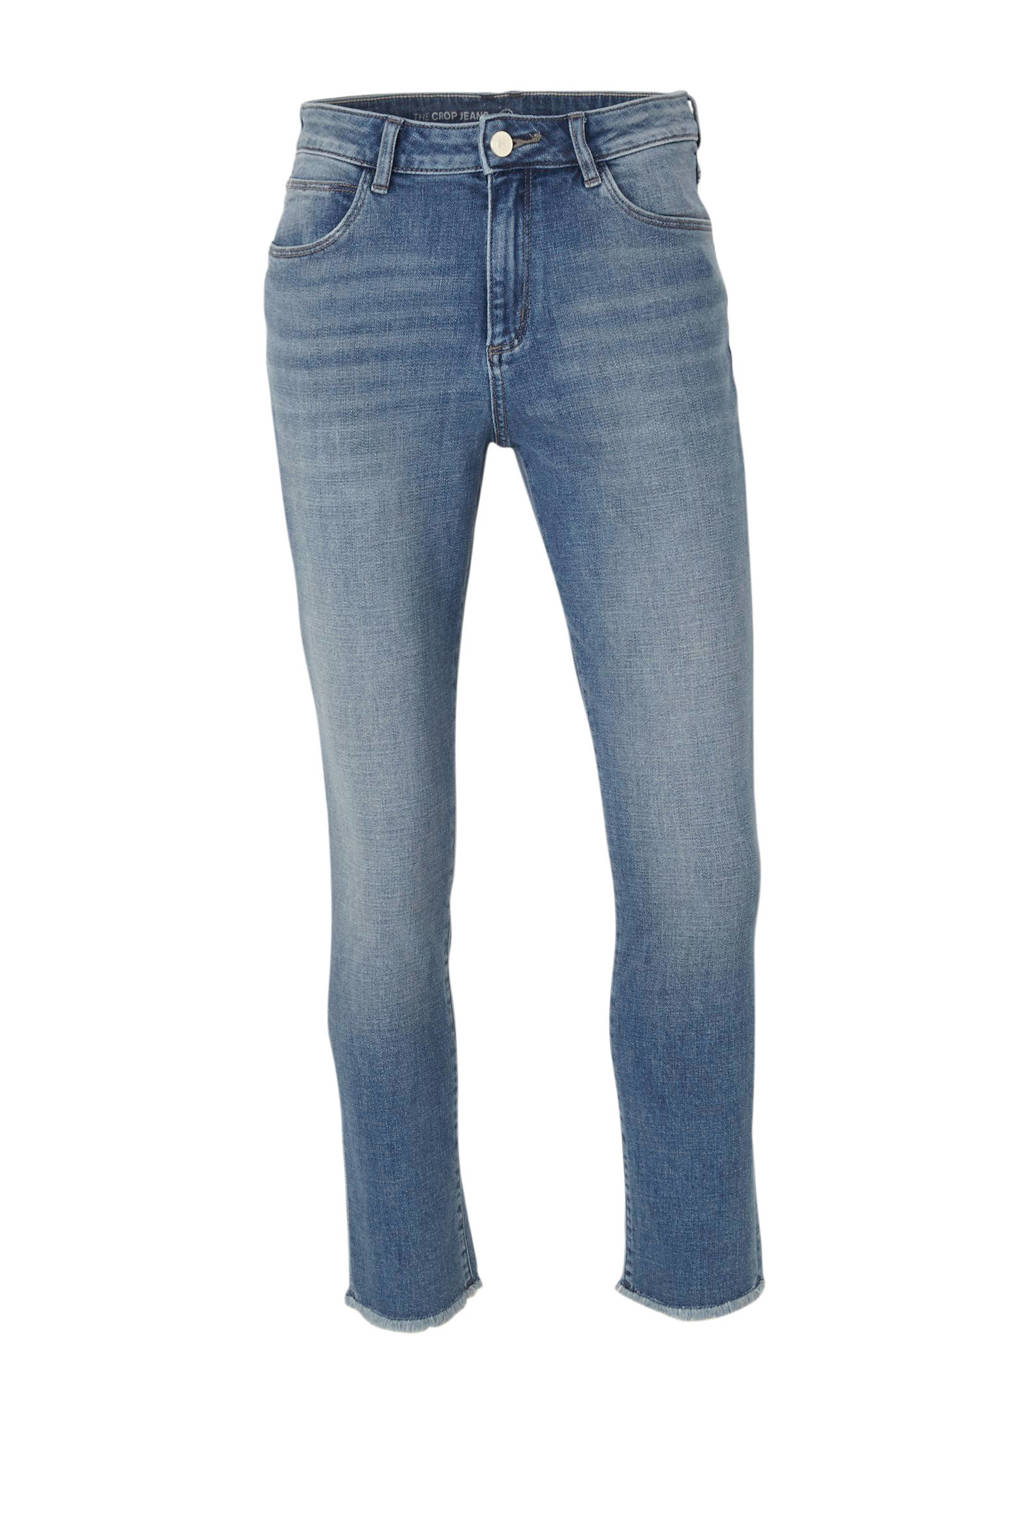 C&A Yessica high waist regular fit jeans, LtBlue